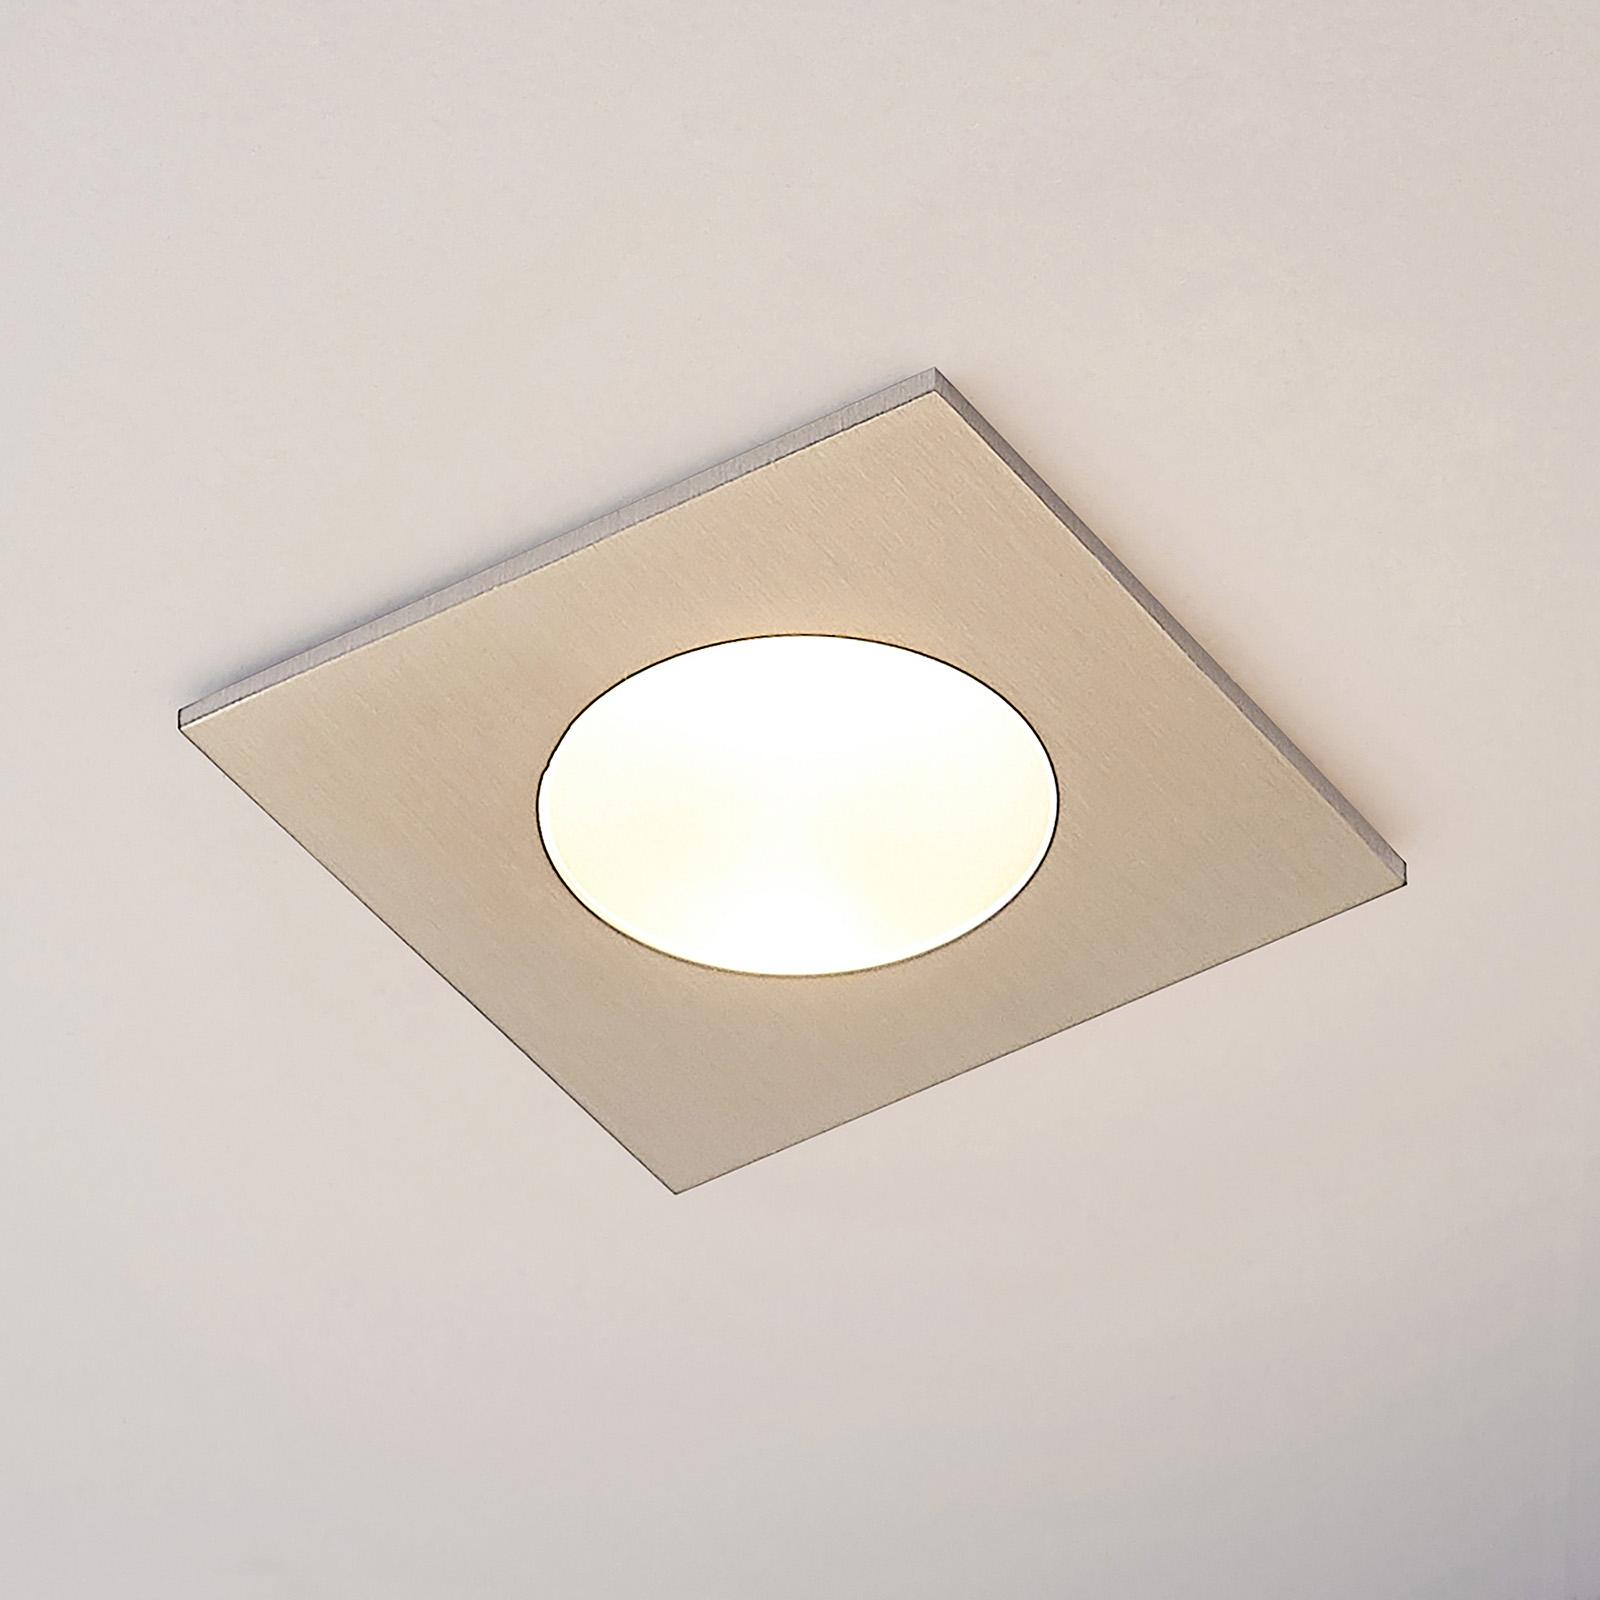 Lucande Celestina indbygningslampe, IP65, kantet